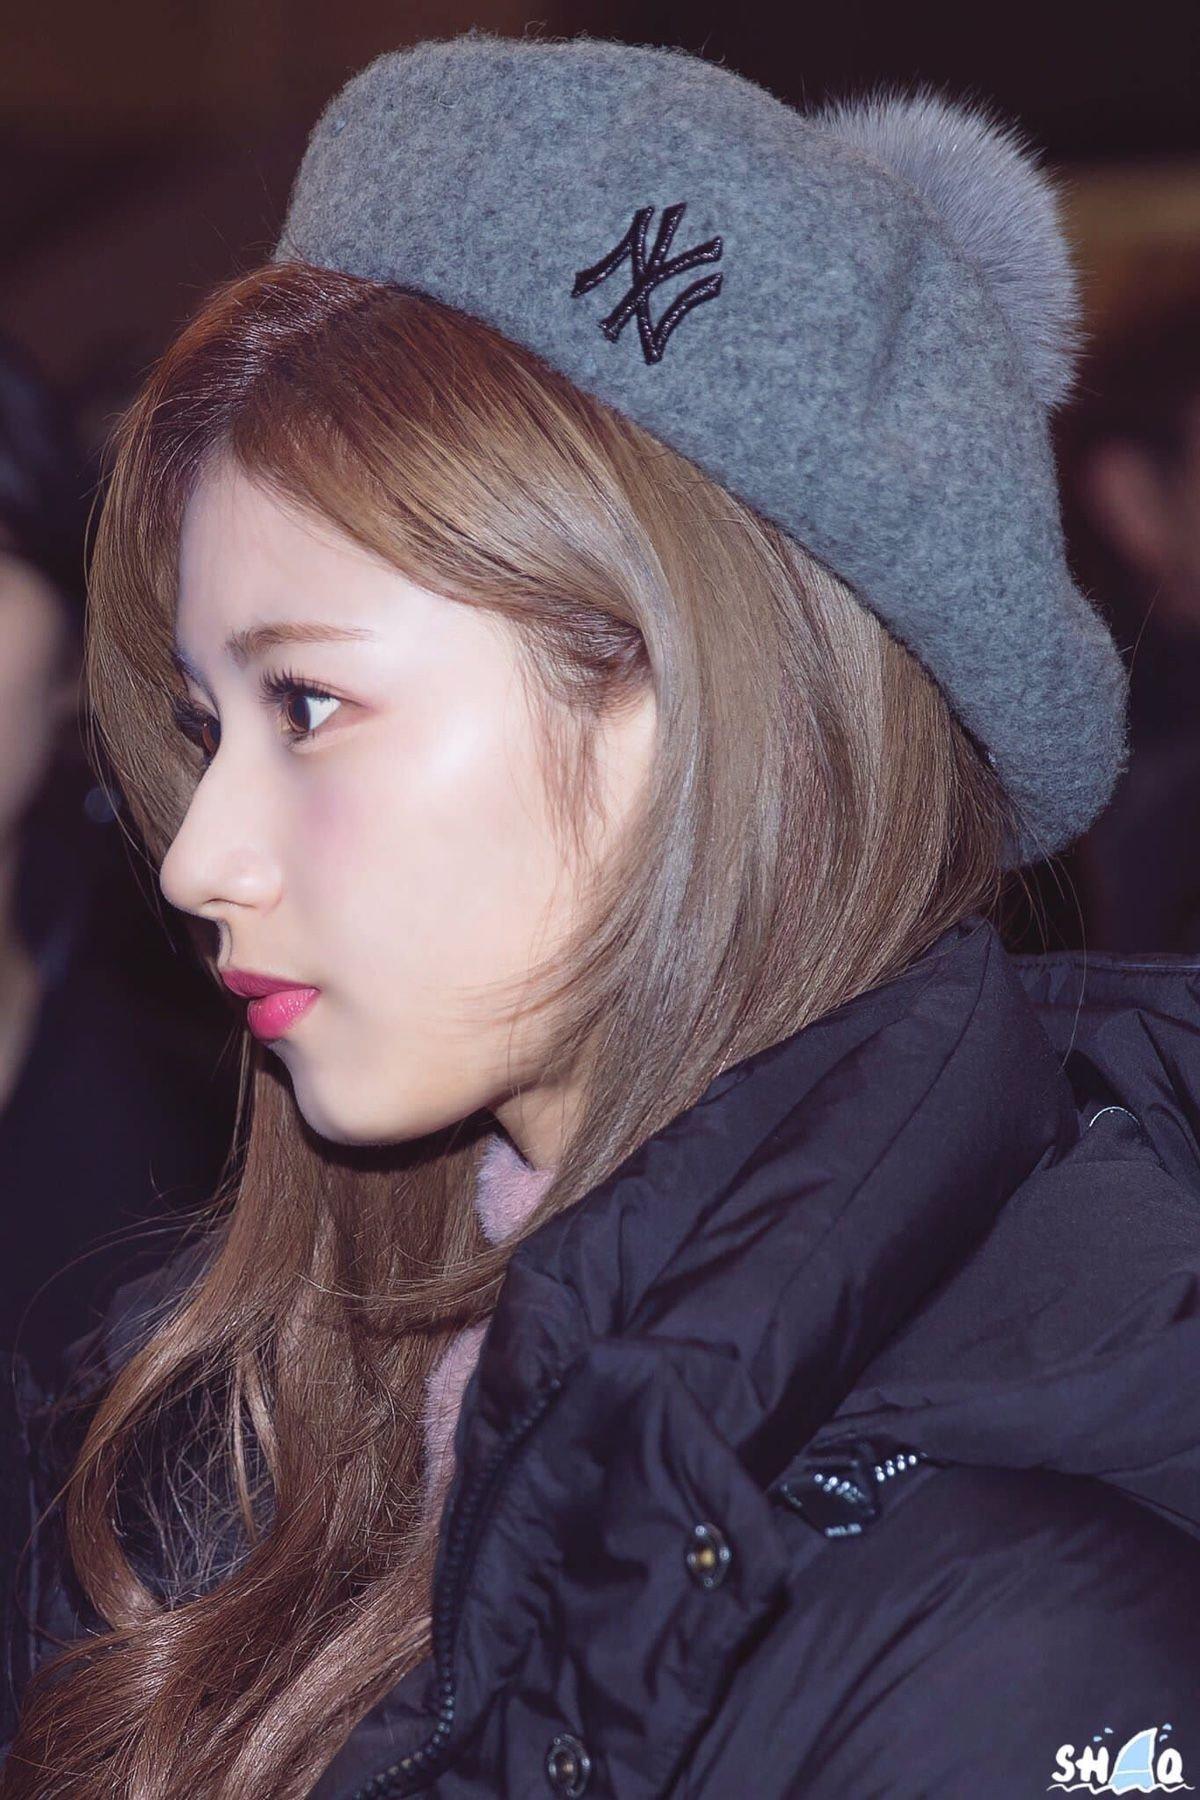 Chiếc mũi cao với đầu mũi gọn gàng mang đến cho Sana vẻ đẹp kiêu kỳ như búp bê khi nhìn nghiêng.